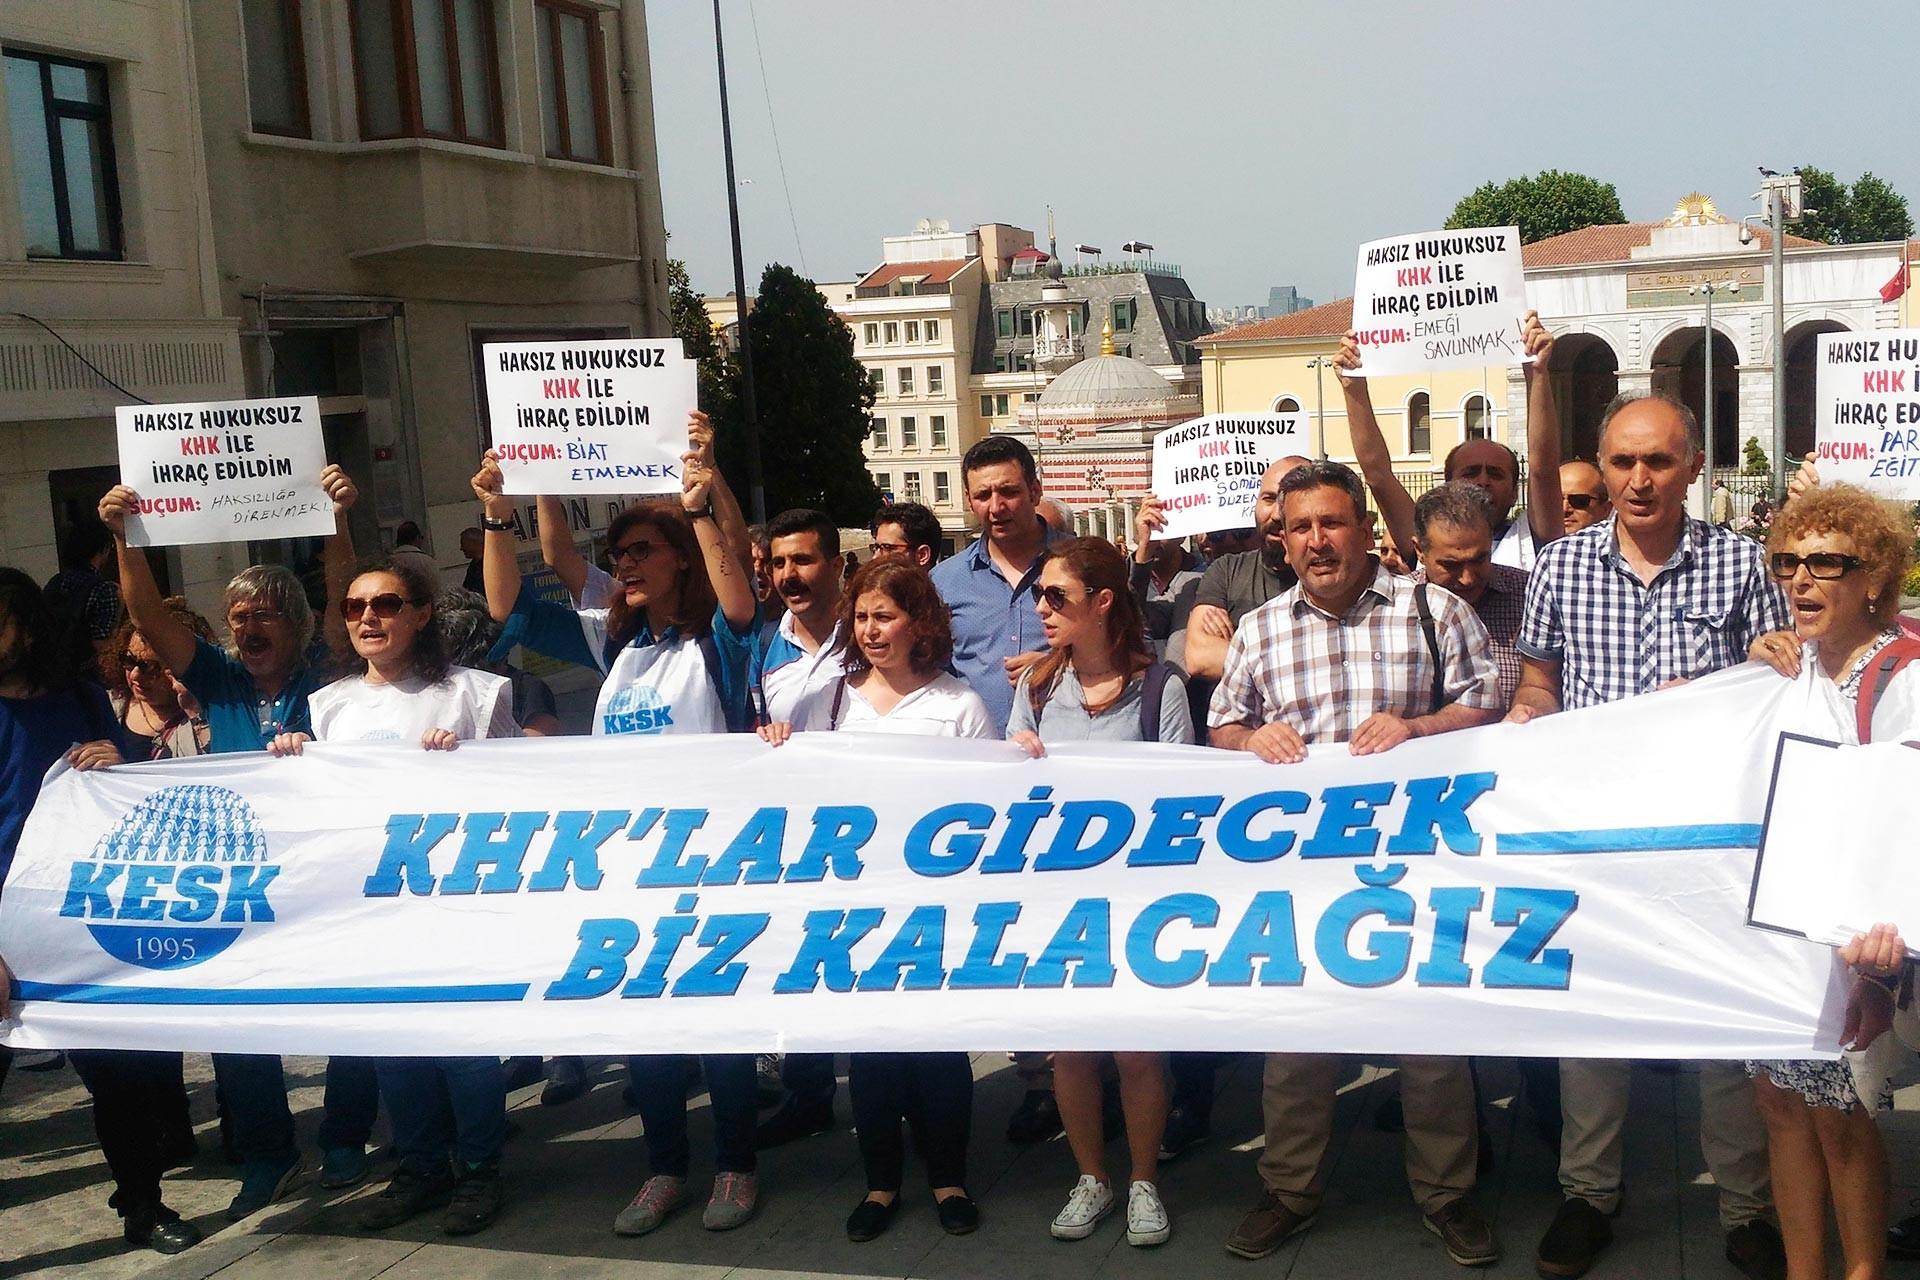 KESK üyesi emekçiler, 'KHK'lar gidecek biz kalacağız' yazılı pankart arkasında eylem yaparken